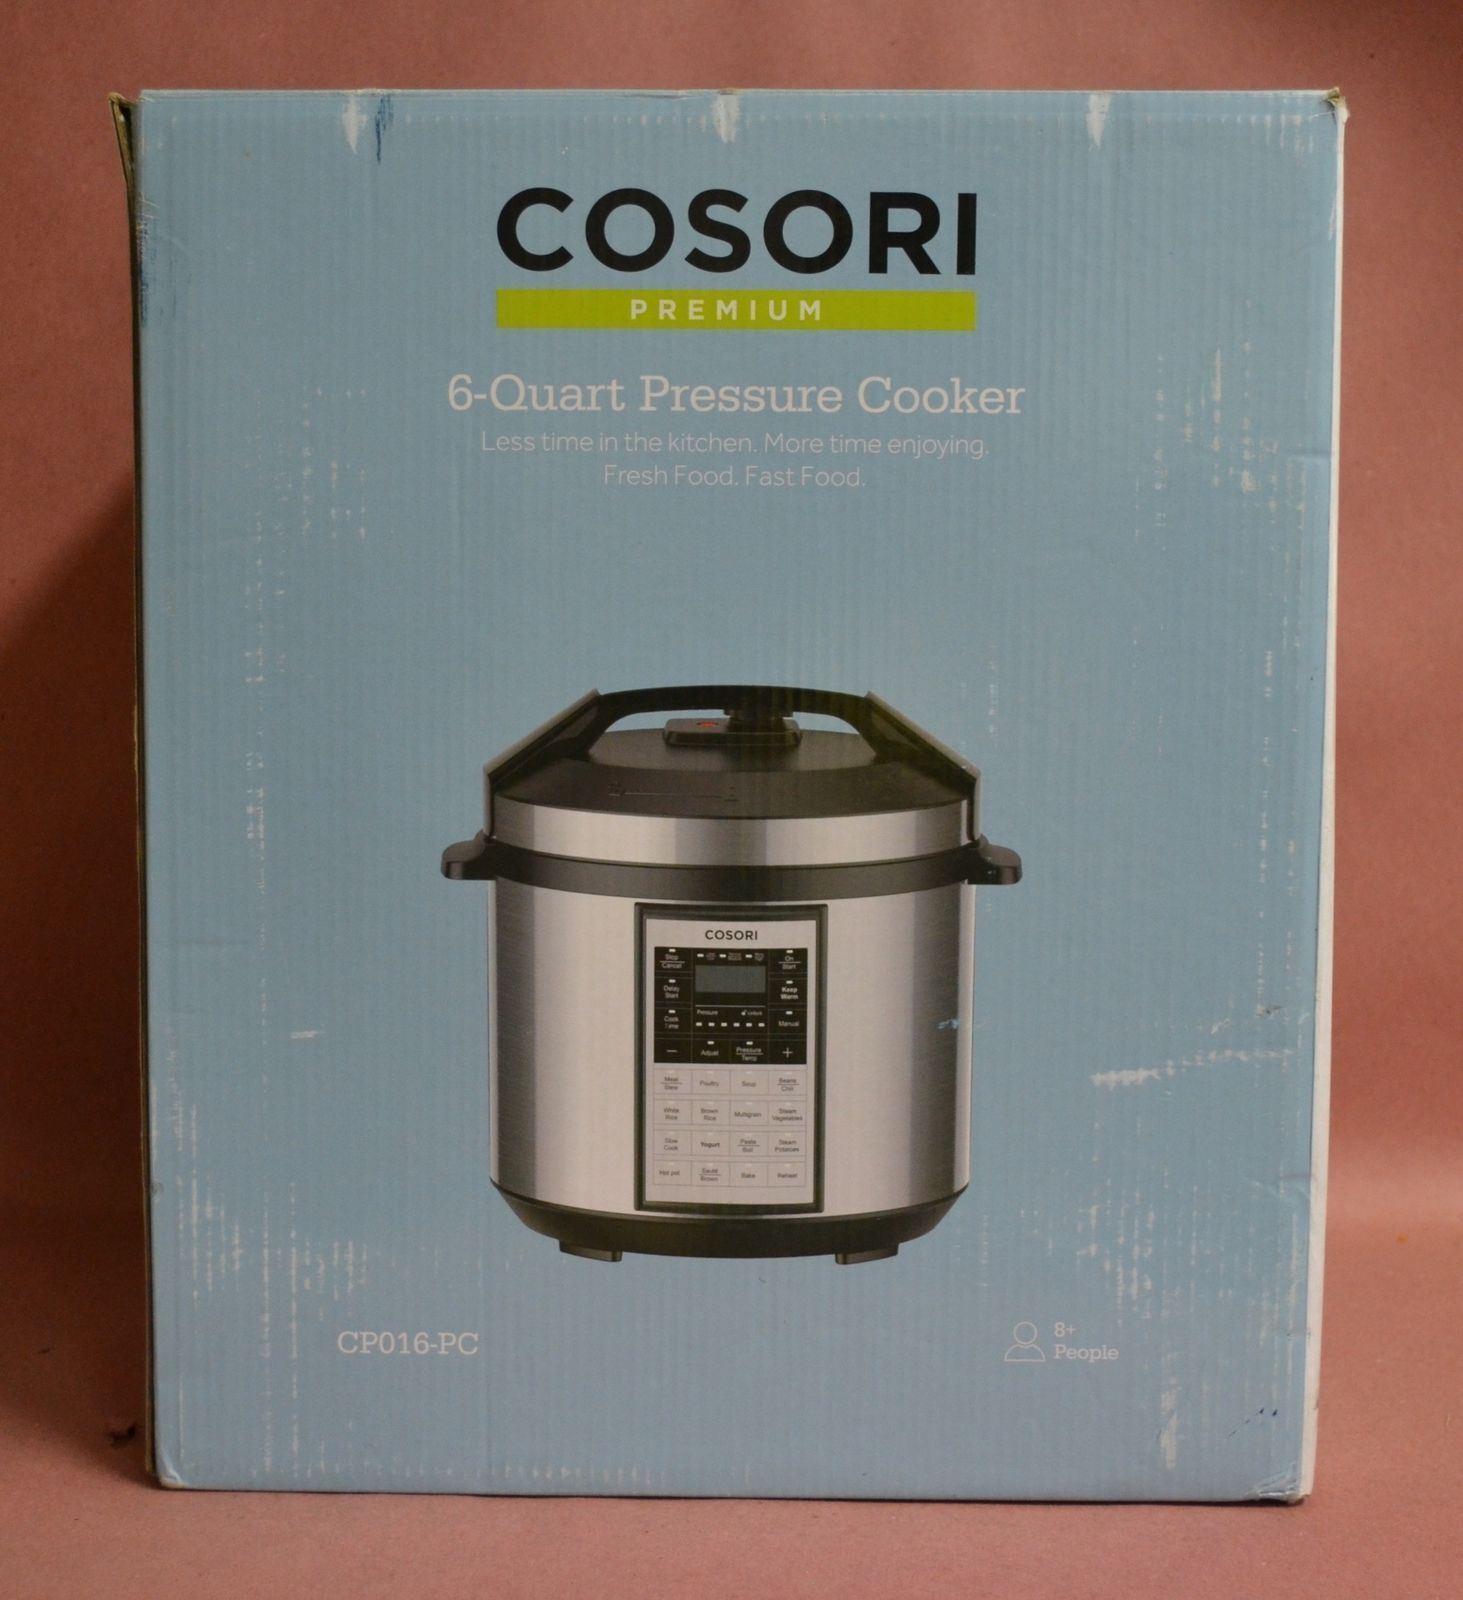 Cosori Premium Model CP016-PC 6-Quart Multi-Functional Pressure Cooker